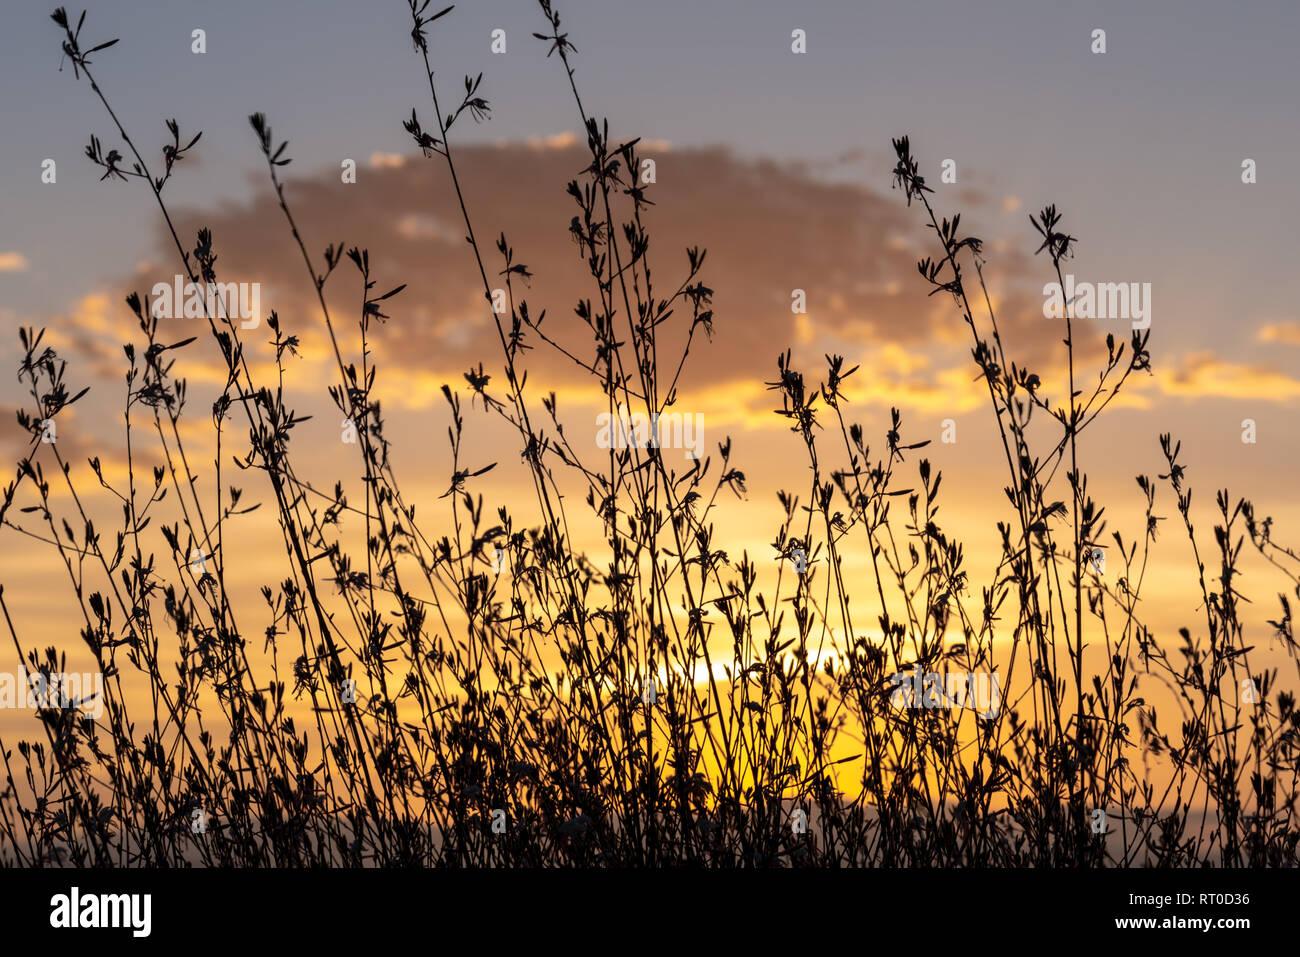 Un Gaura Belleza bush siluetas contra una dorada puesta de sol. Imagen De Stock